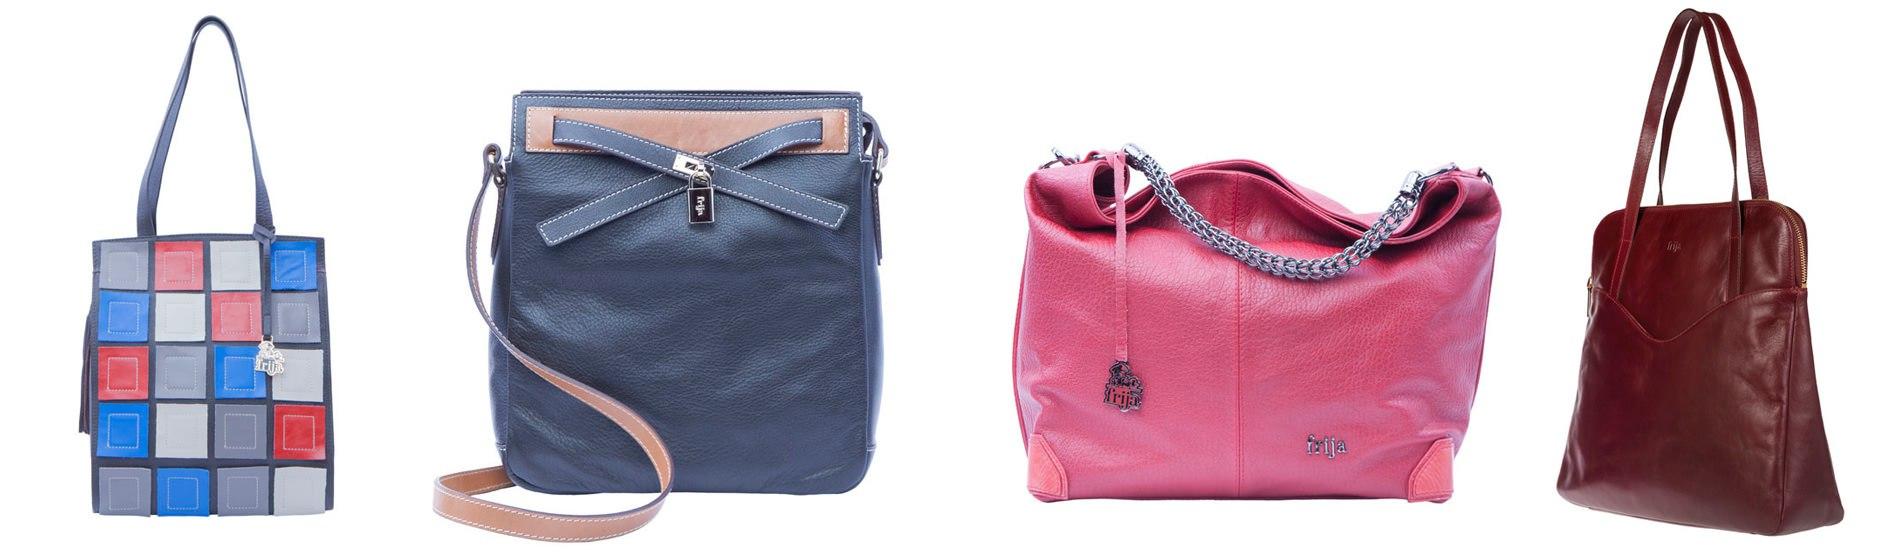 31c4f8ed953d Стили женских сумок. Стили сумок: милитари, ретро, классика ...